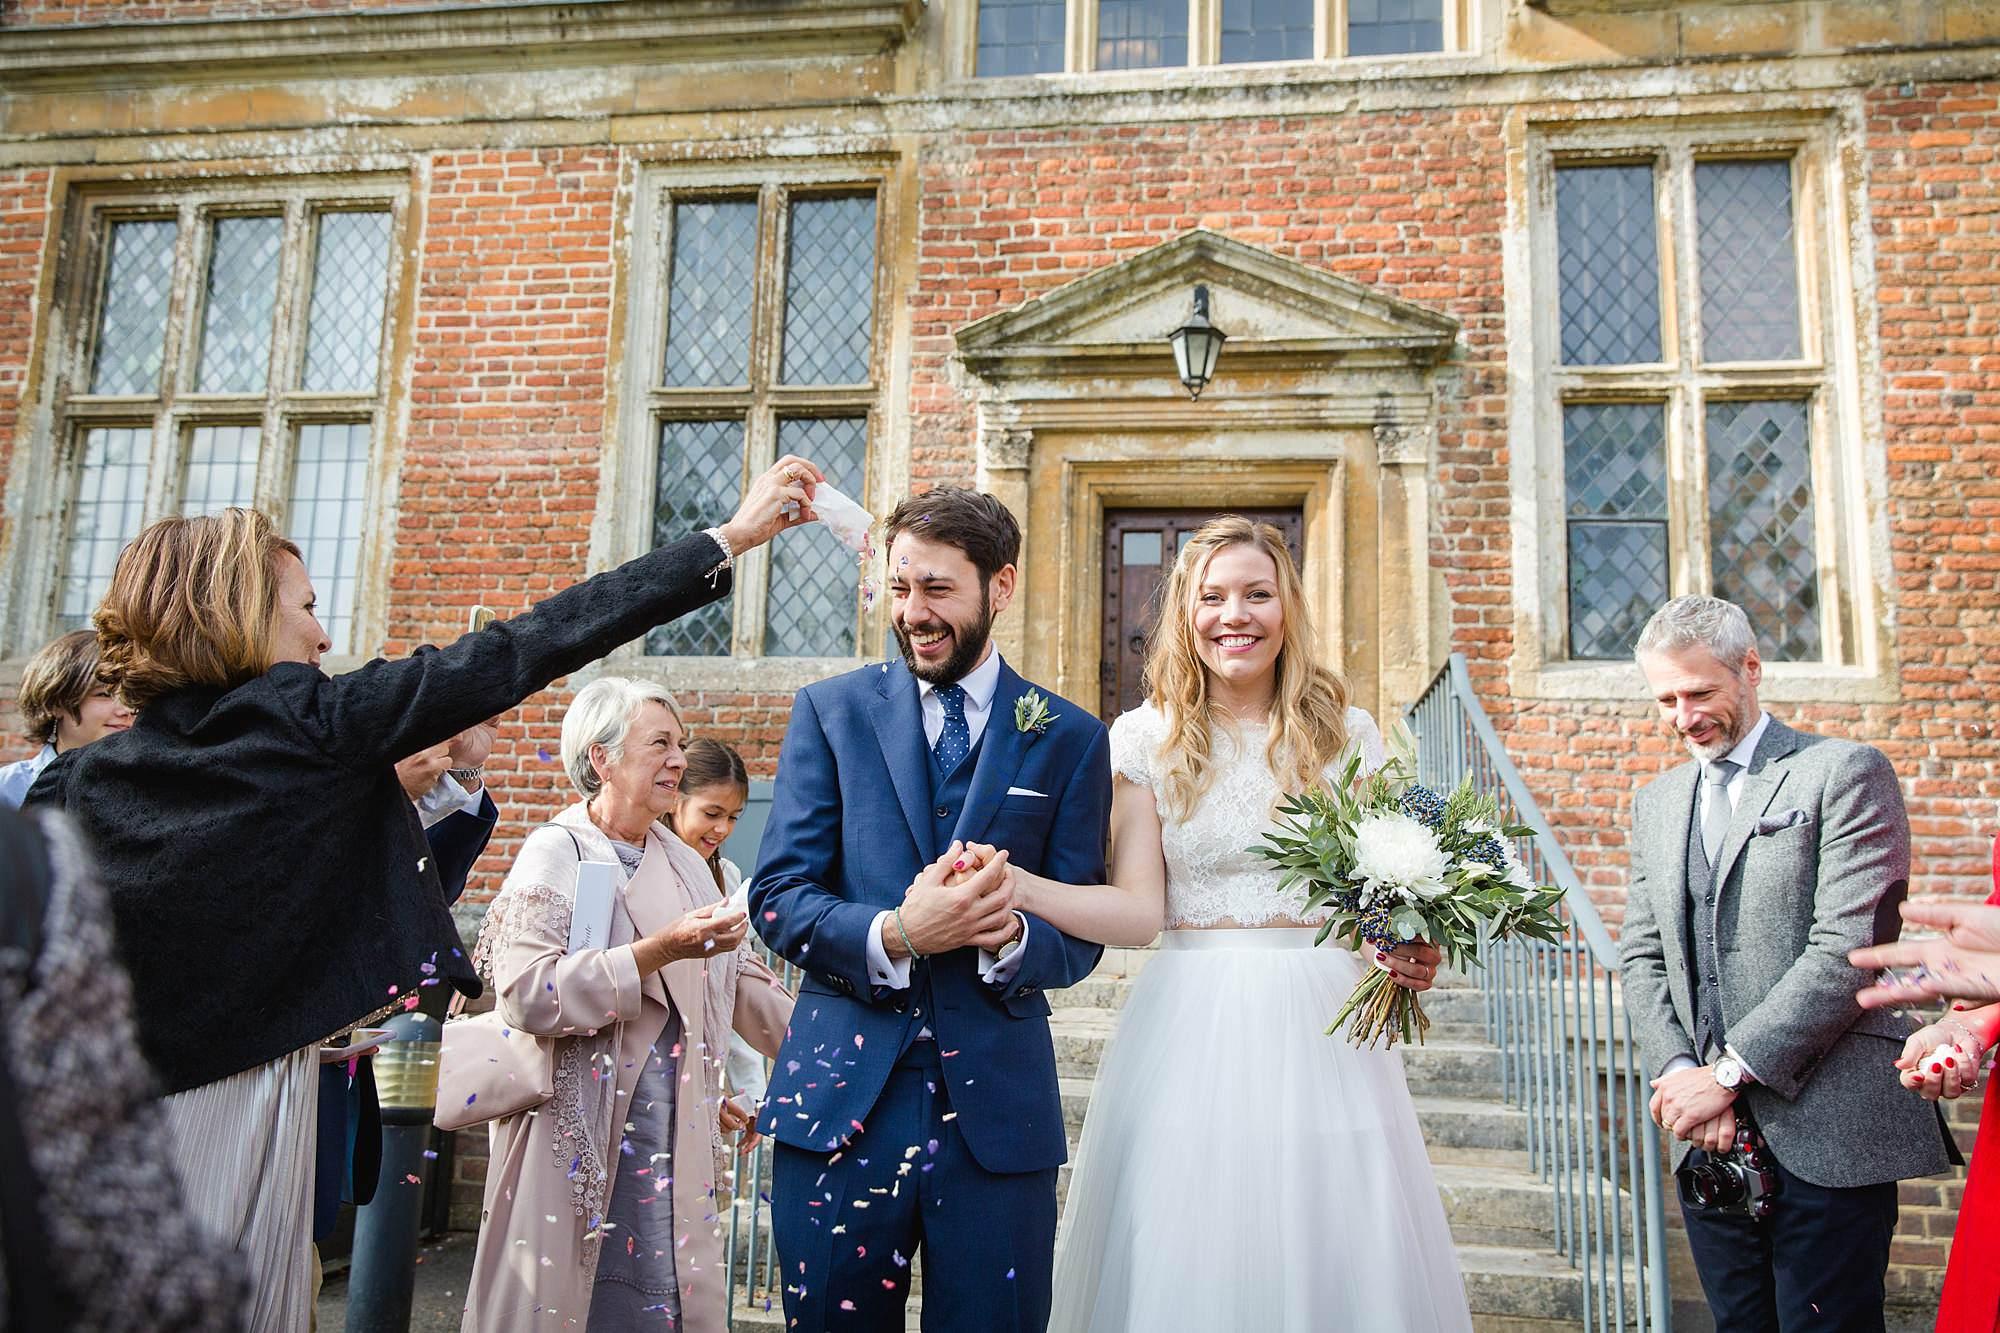 shaw house wedding bride and groom walk through confetti